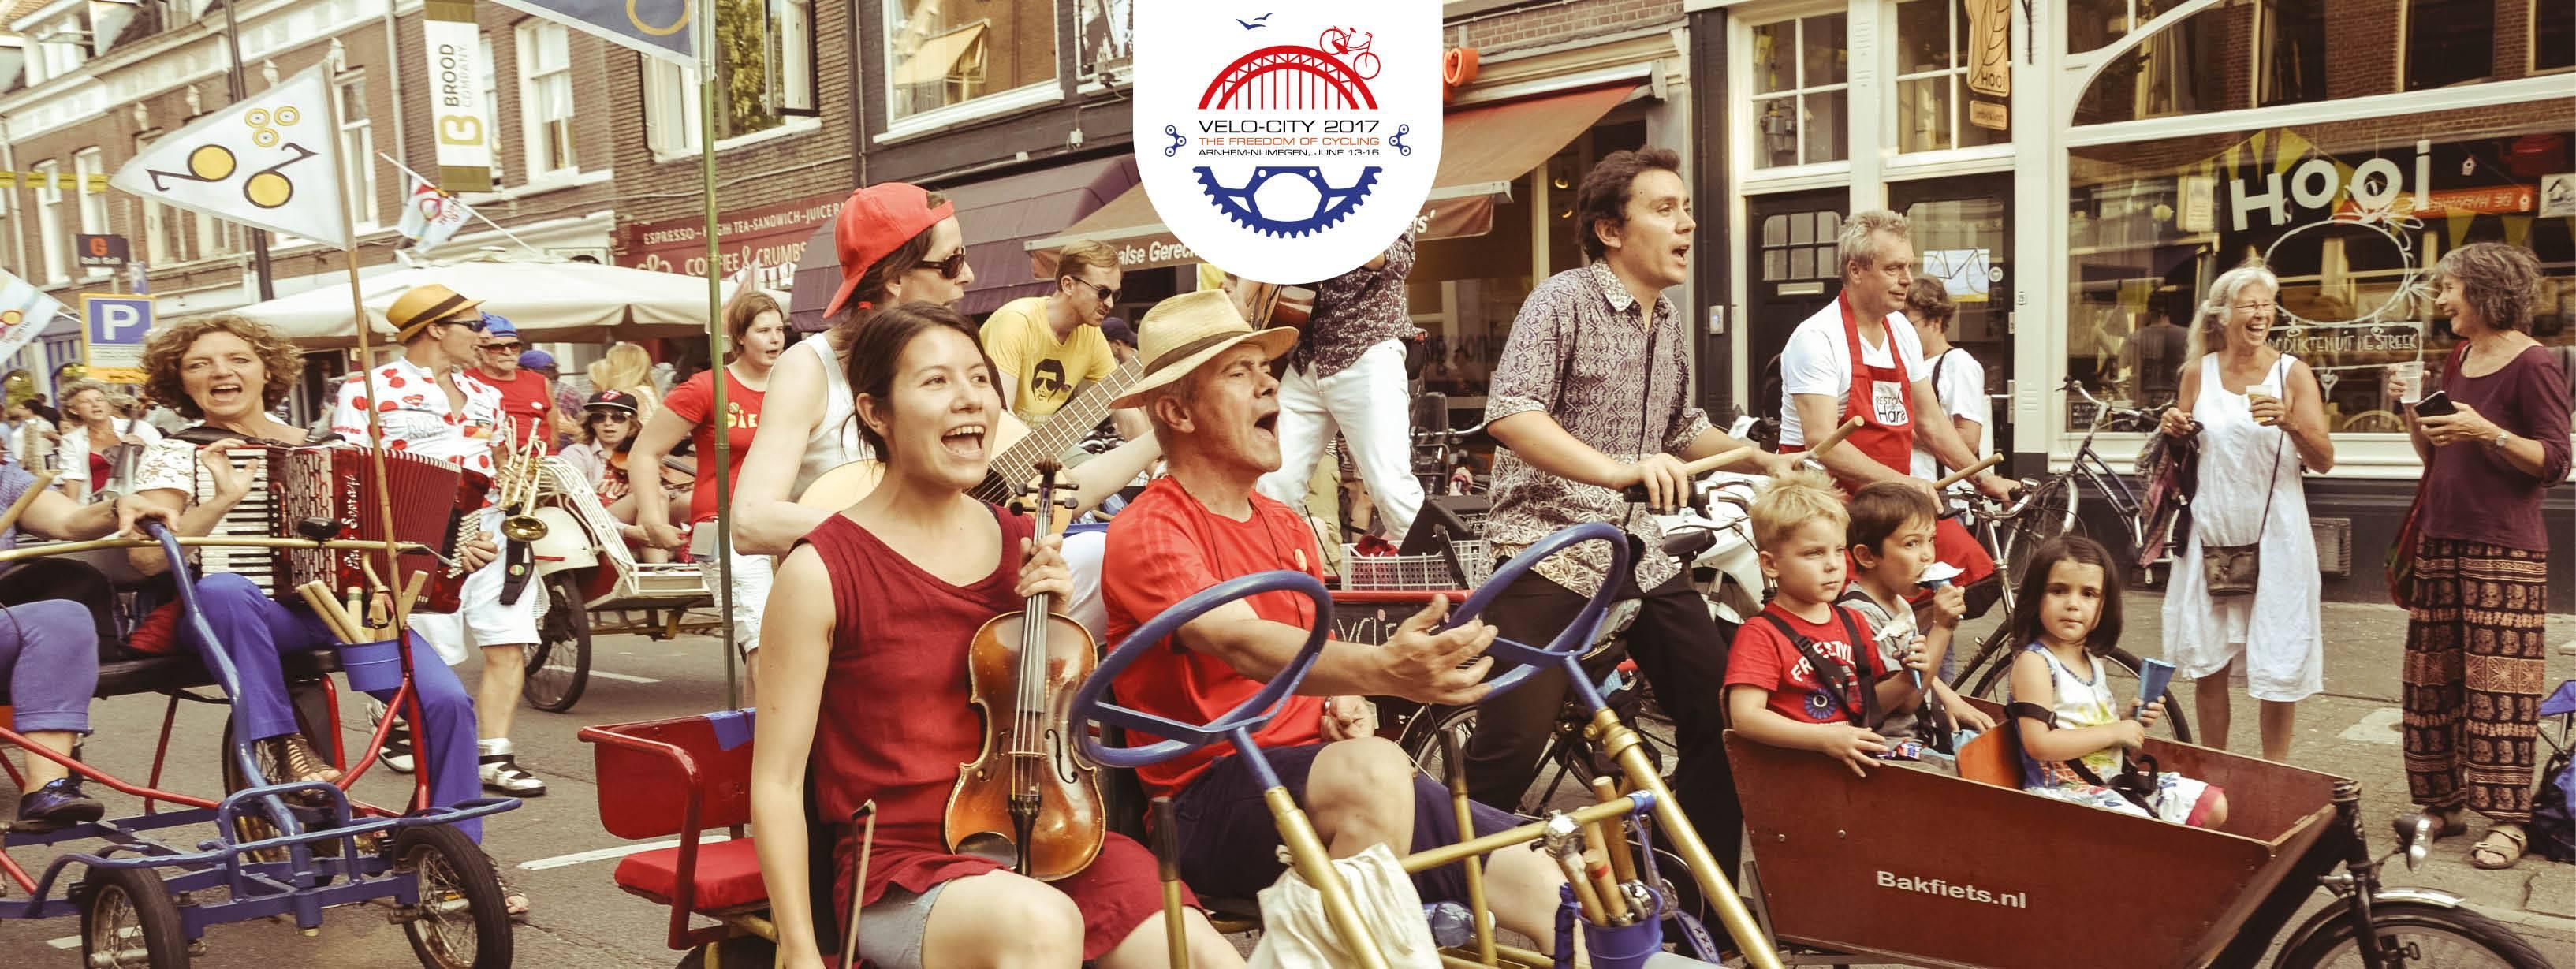 Bisiklet sadece bisiklet değildir: Küresel bisiklet zirvesi Velo-City'de neler konuşuldu?